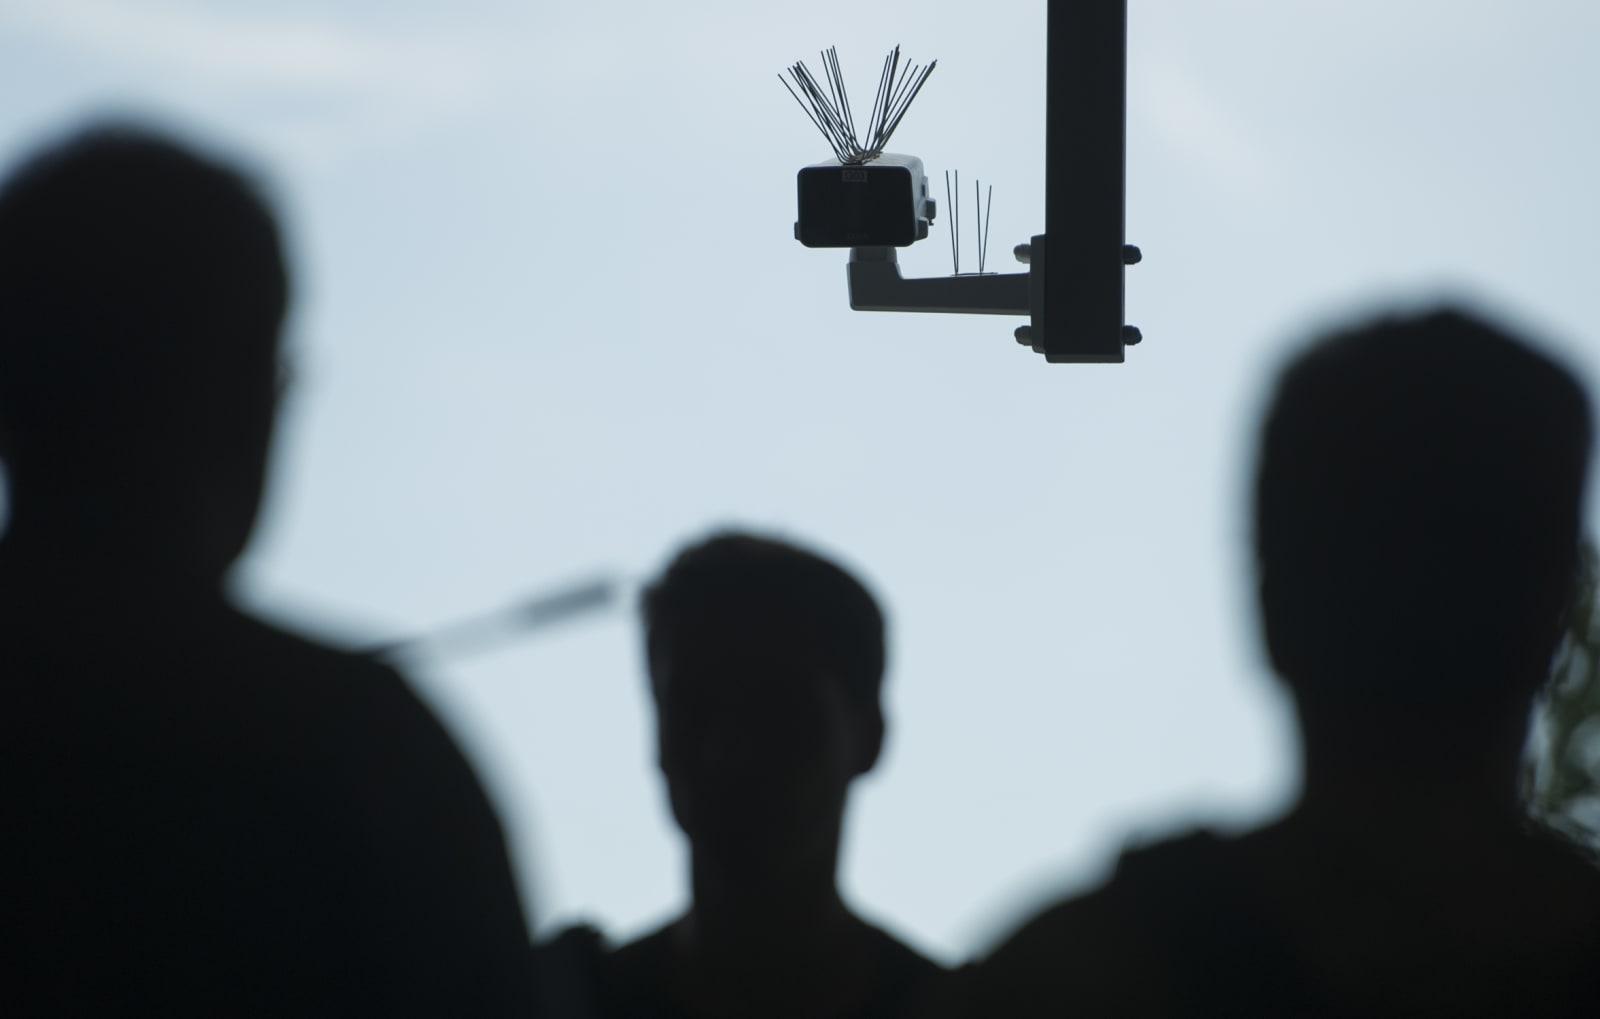 Amazon Selling Dangerous Facial Recognition Tech To Law Enforcement